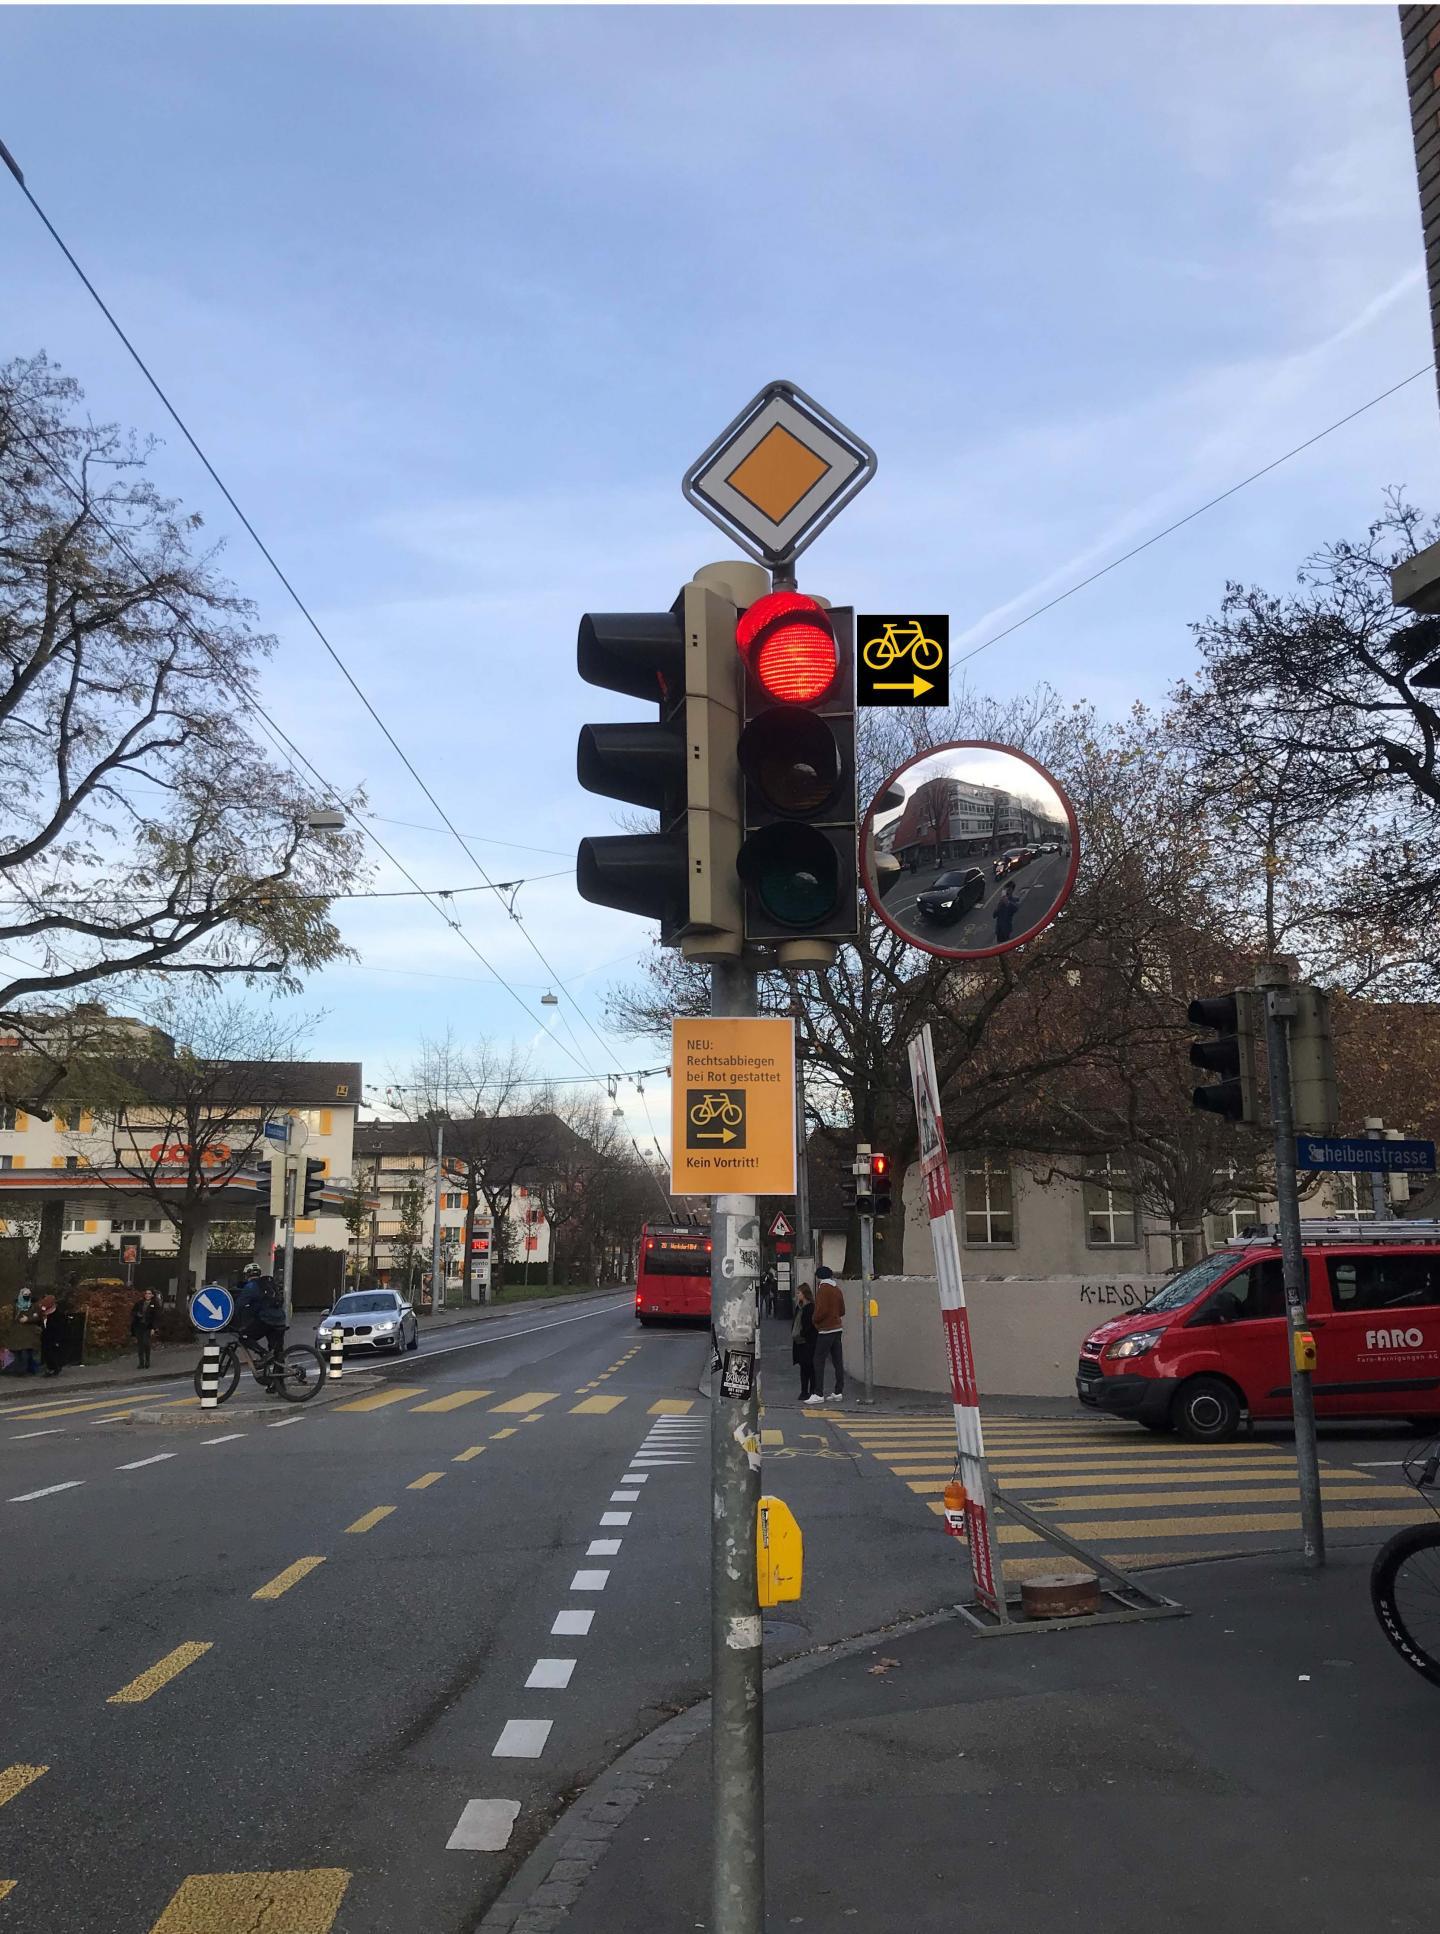 Bei neuem Signal dürfen Velos bei Rot rechts abbiegen